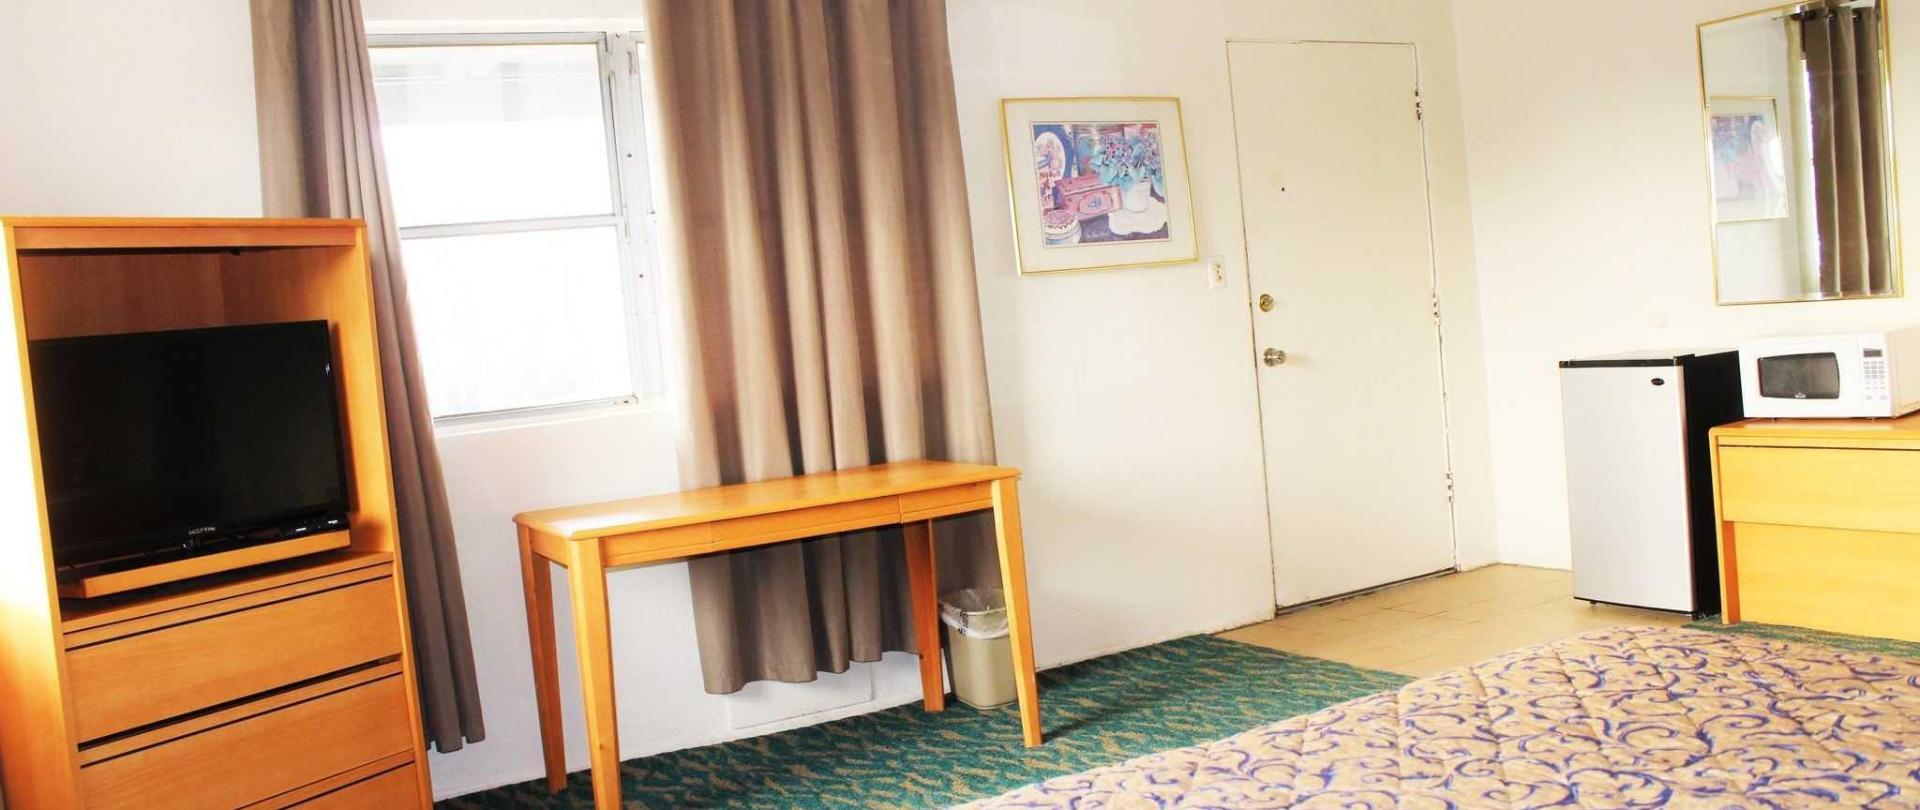 room-203-features.JPG